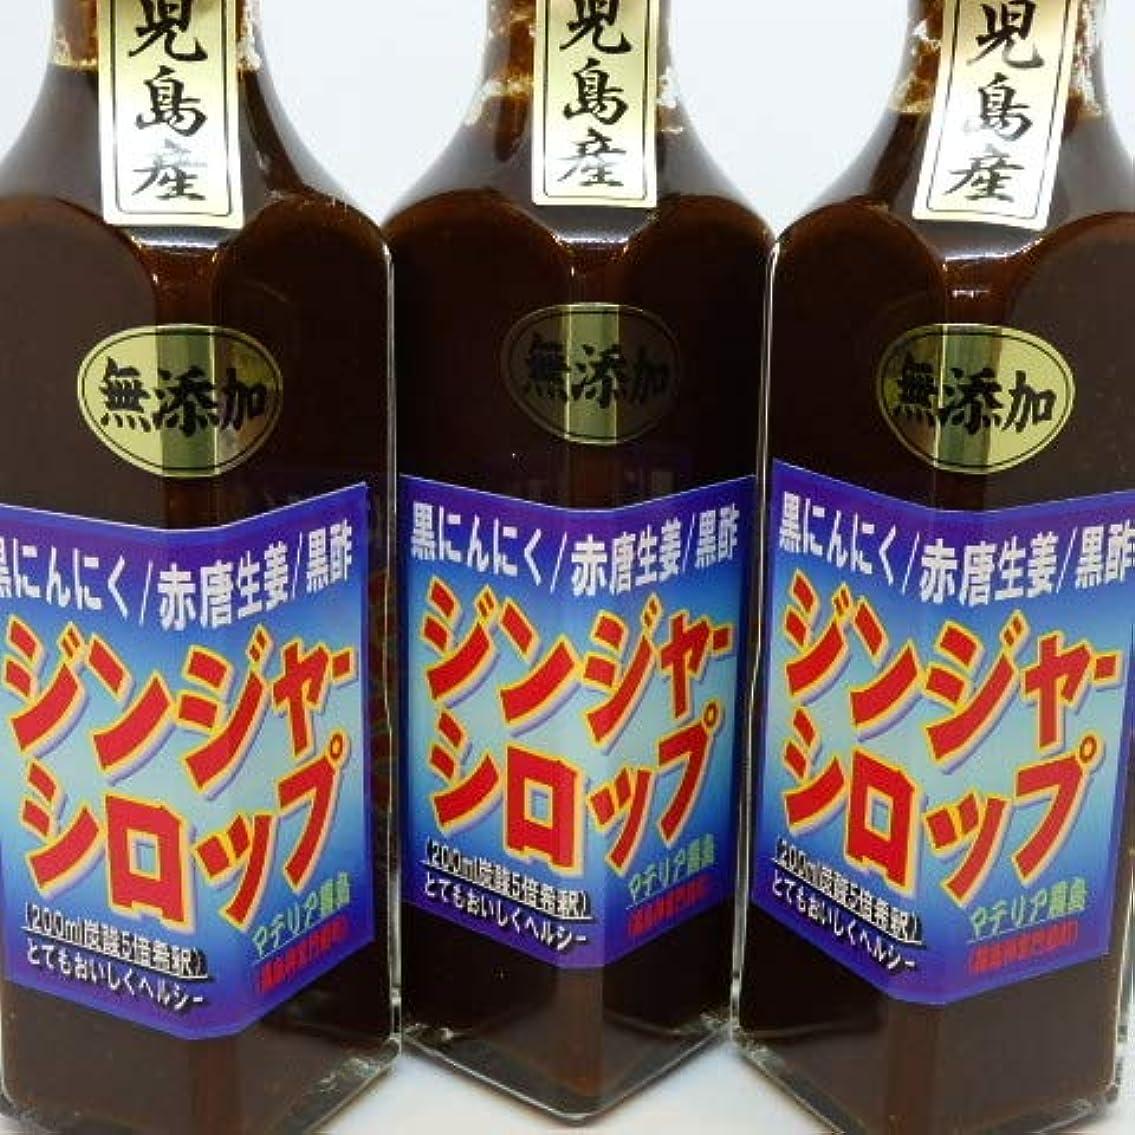 くびれた祈る偽装する黒酢黒ジンジャ-/無添加/200ml×3組90日分¥10,800